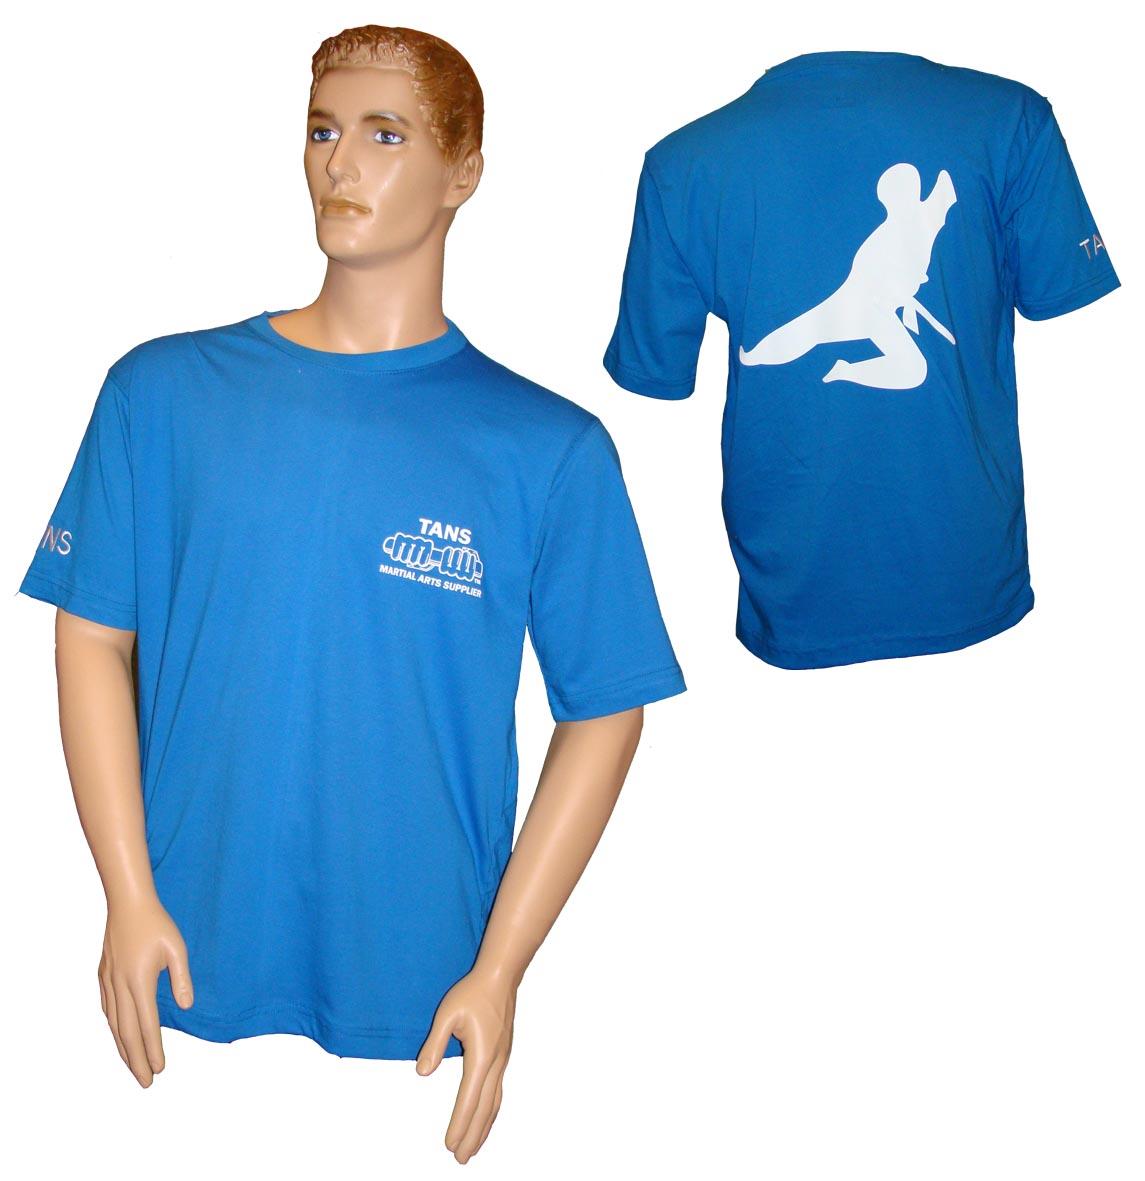 T.shirt Tans Single Jumping Kick-0